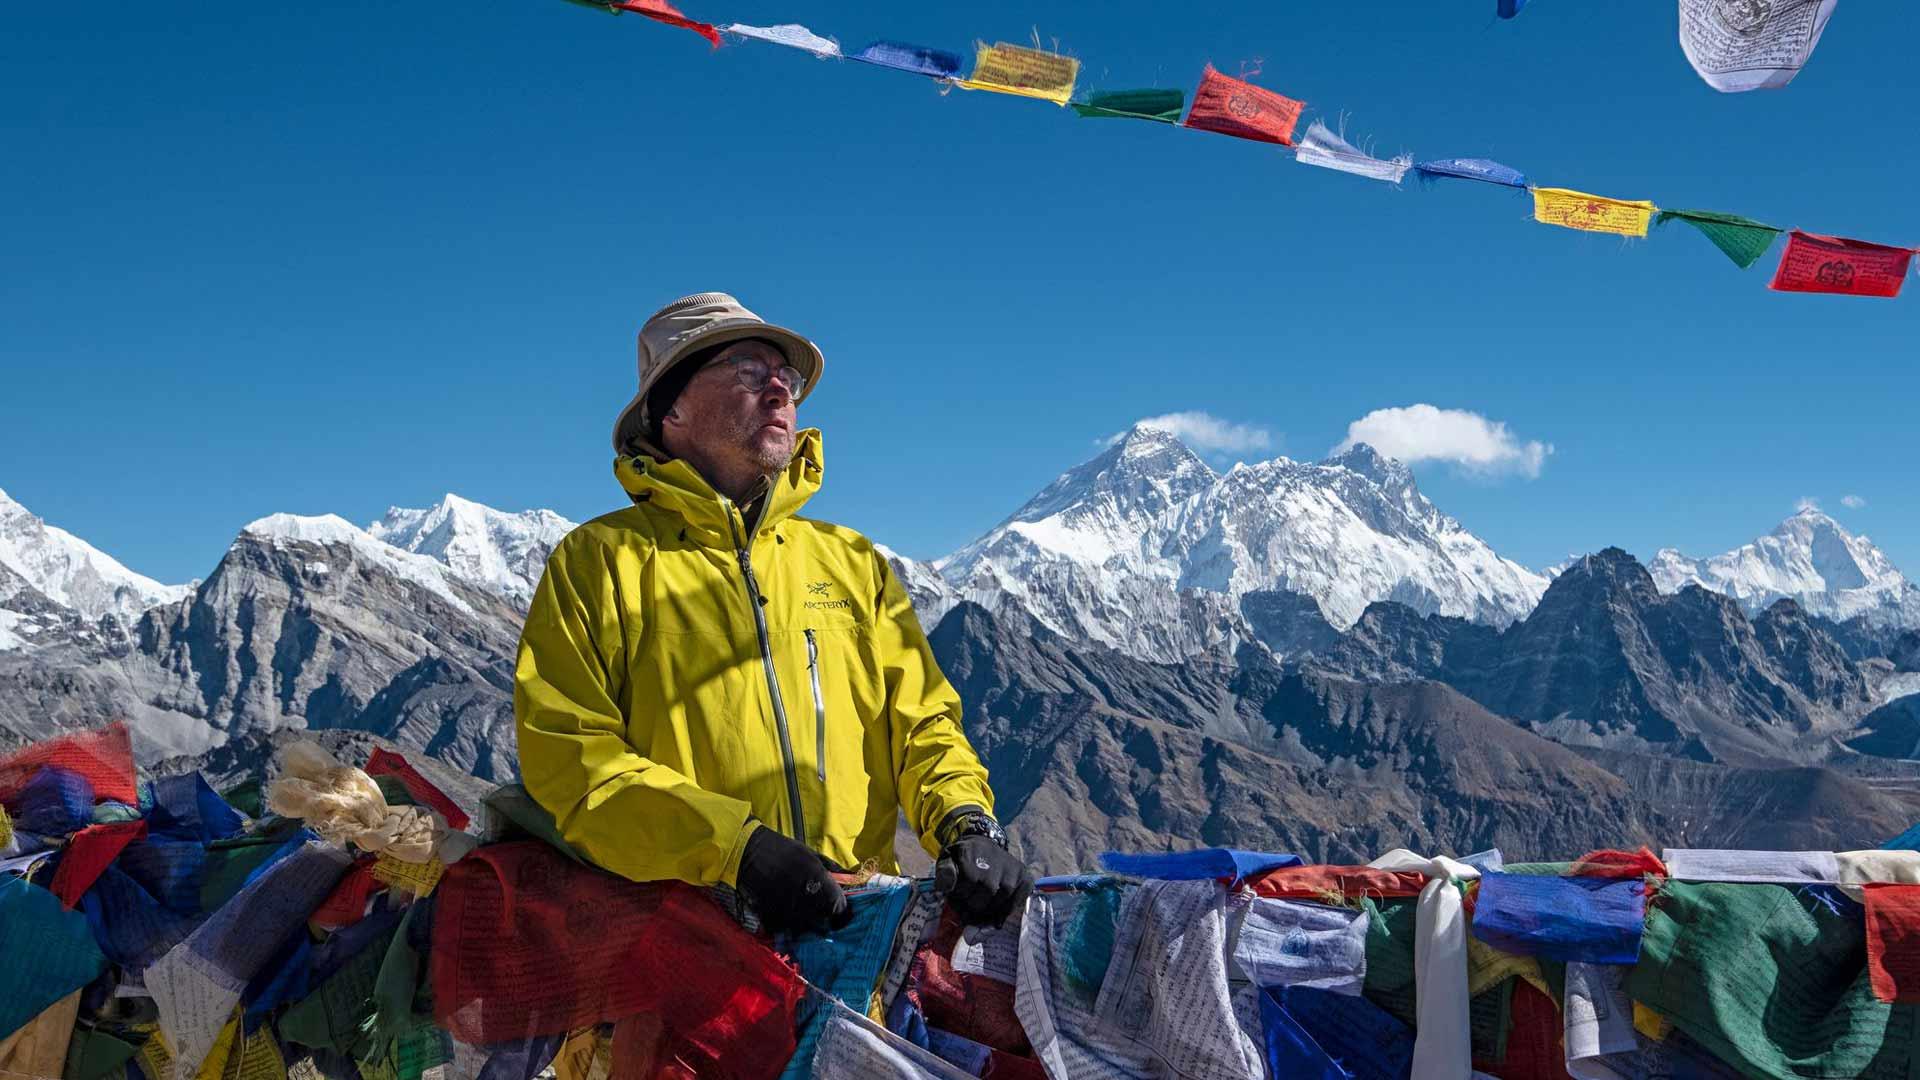 Vuoden 2018 vaelluksen korkein kohta oli Renjo La-sola 5360 metrin korkeudessa. Taustalla Everest ja Lhotse pilviviireineen, oikeassa reunassa Makalu. Kaikki ovat yli 8000 metrin huippuja.